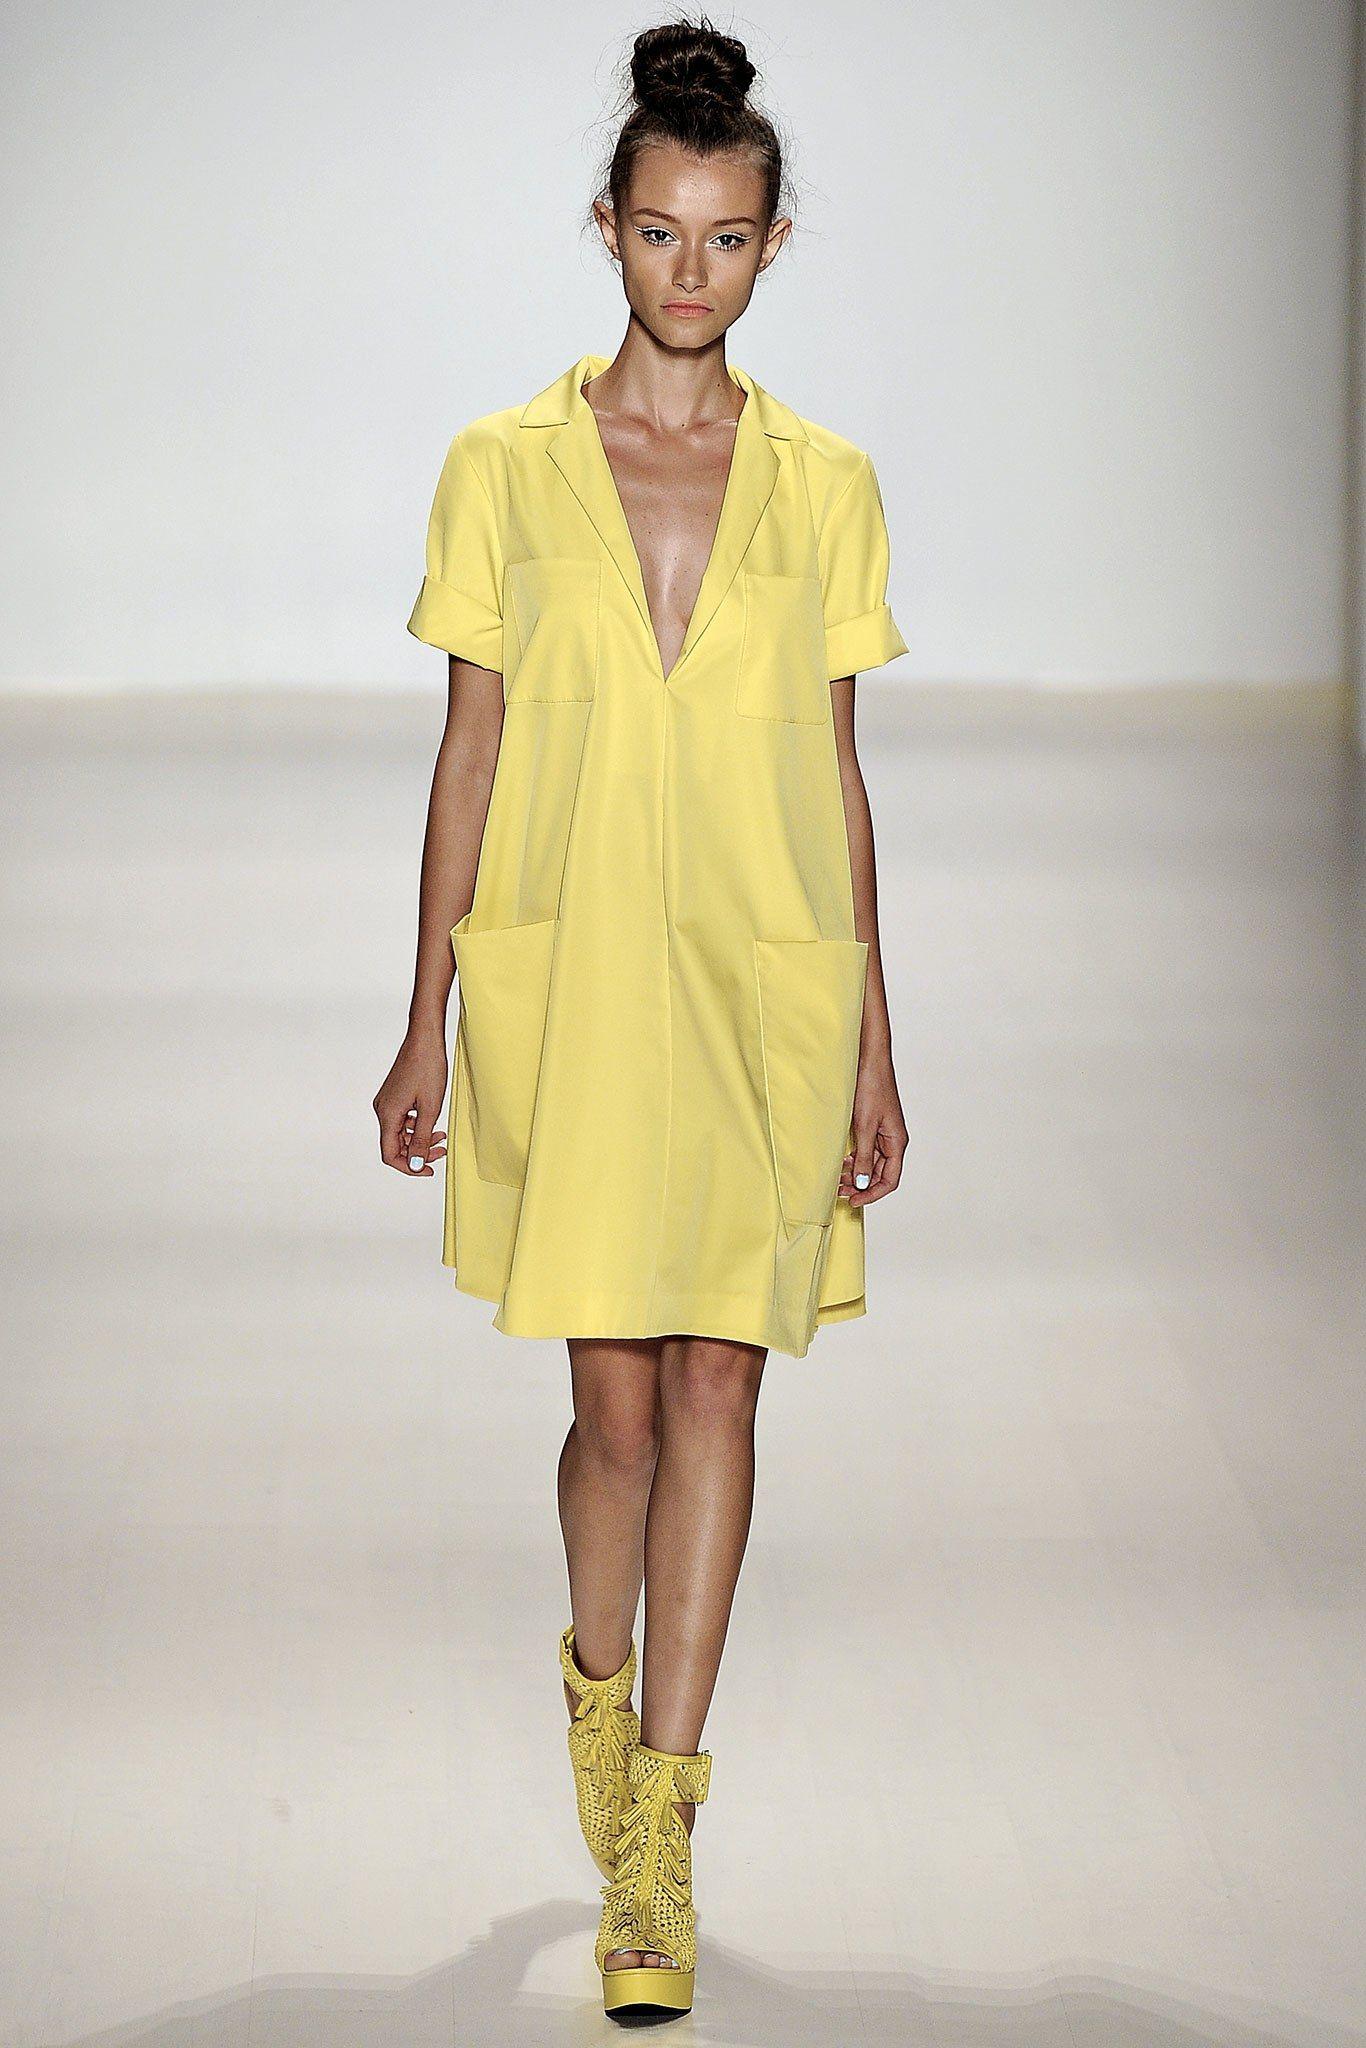 Nanette Lepore Spring 2015 Ready-to-Wear Fashion Show #asymmetrischerschnitt